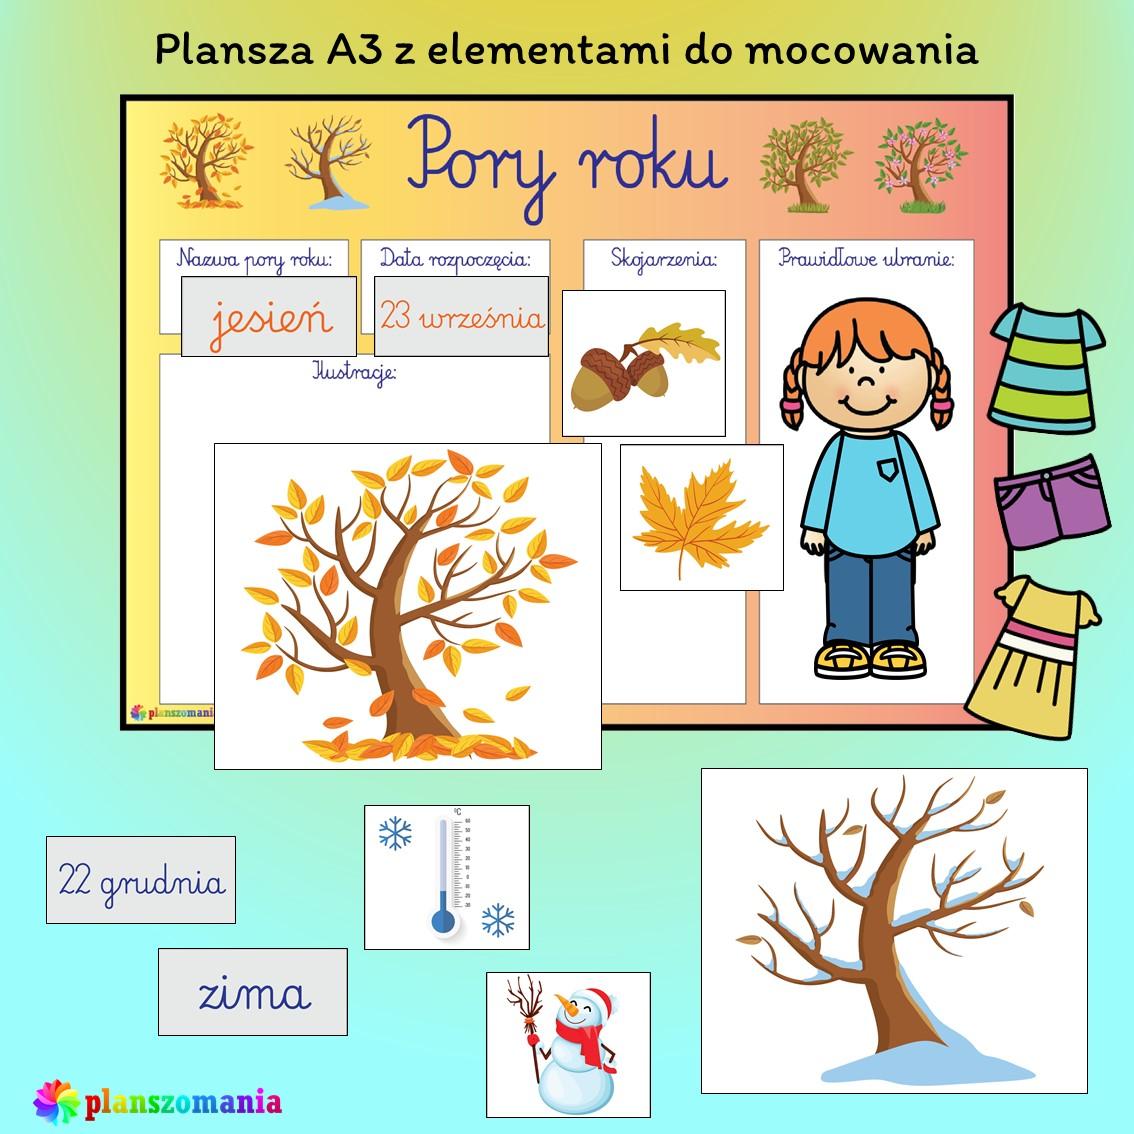 cztery pory roku edukacja wczesnoszkolna przedszkole do druku pdf zabawy i gry dla dzieci plansze edukacyjne materiały dydaktyczne scenariusze